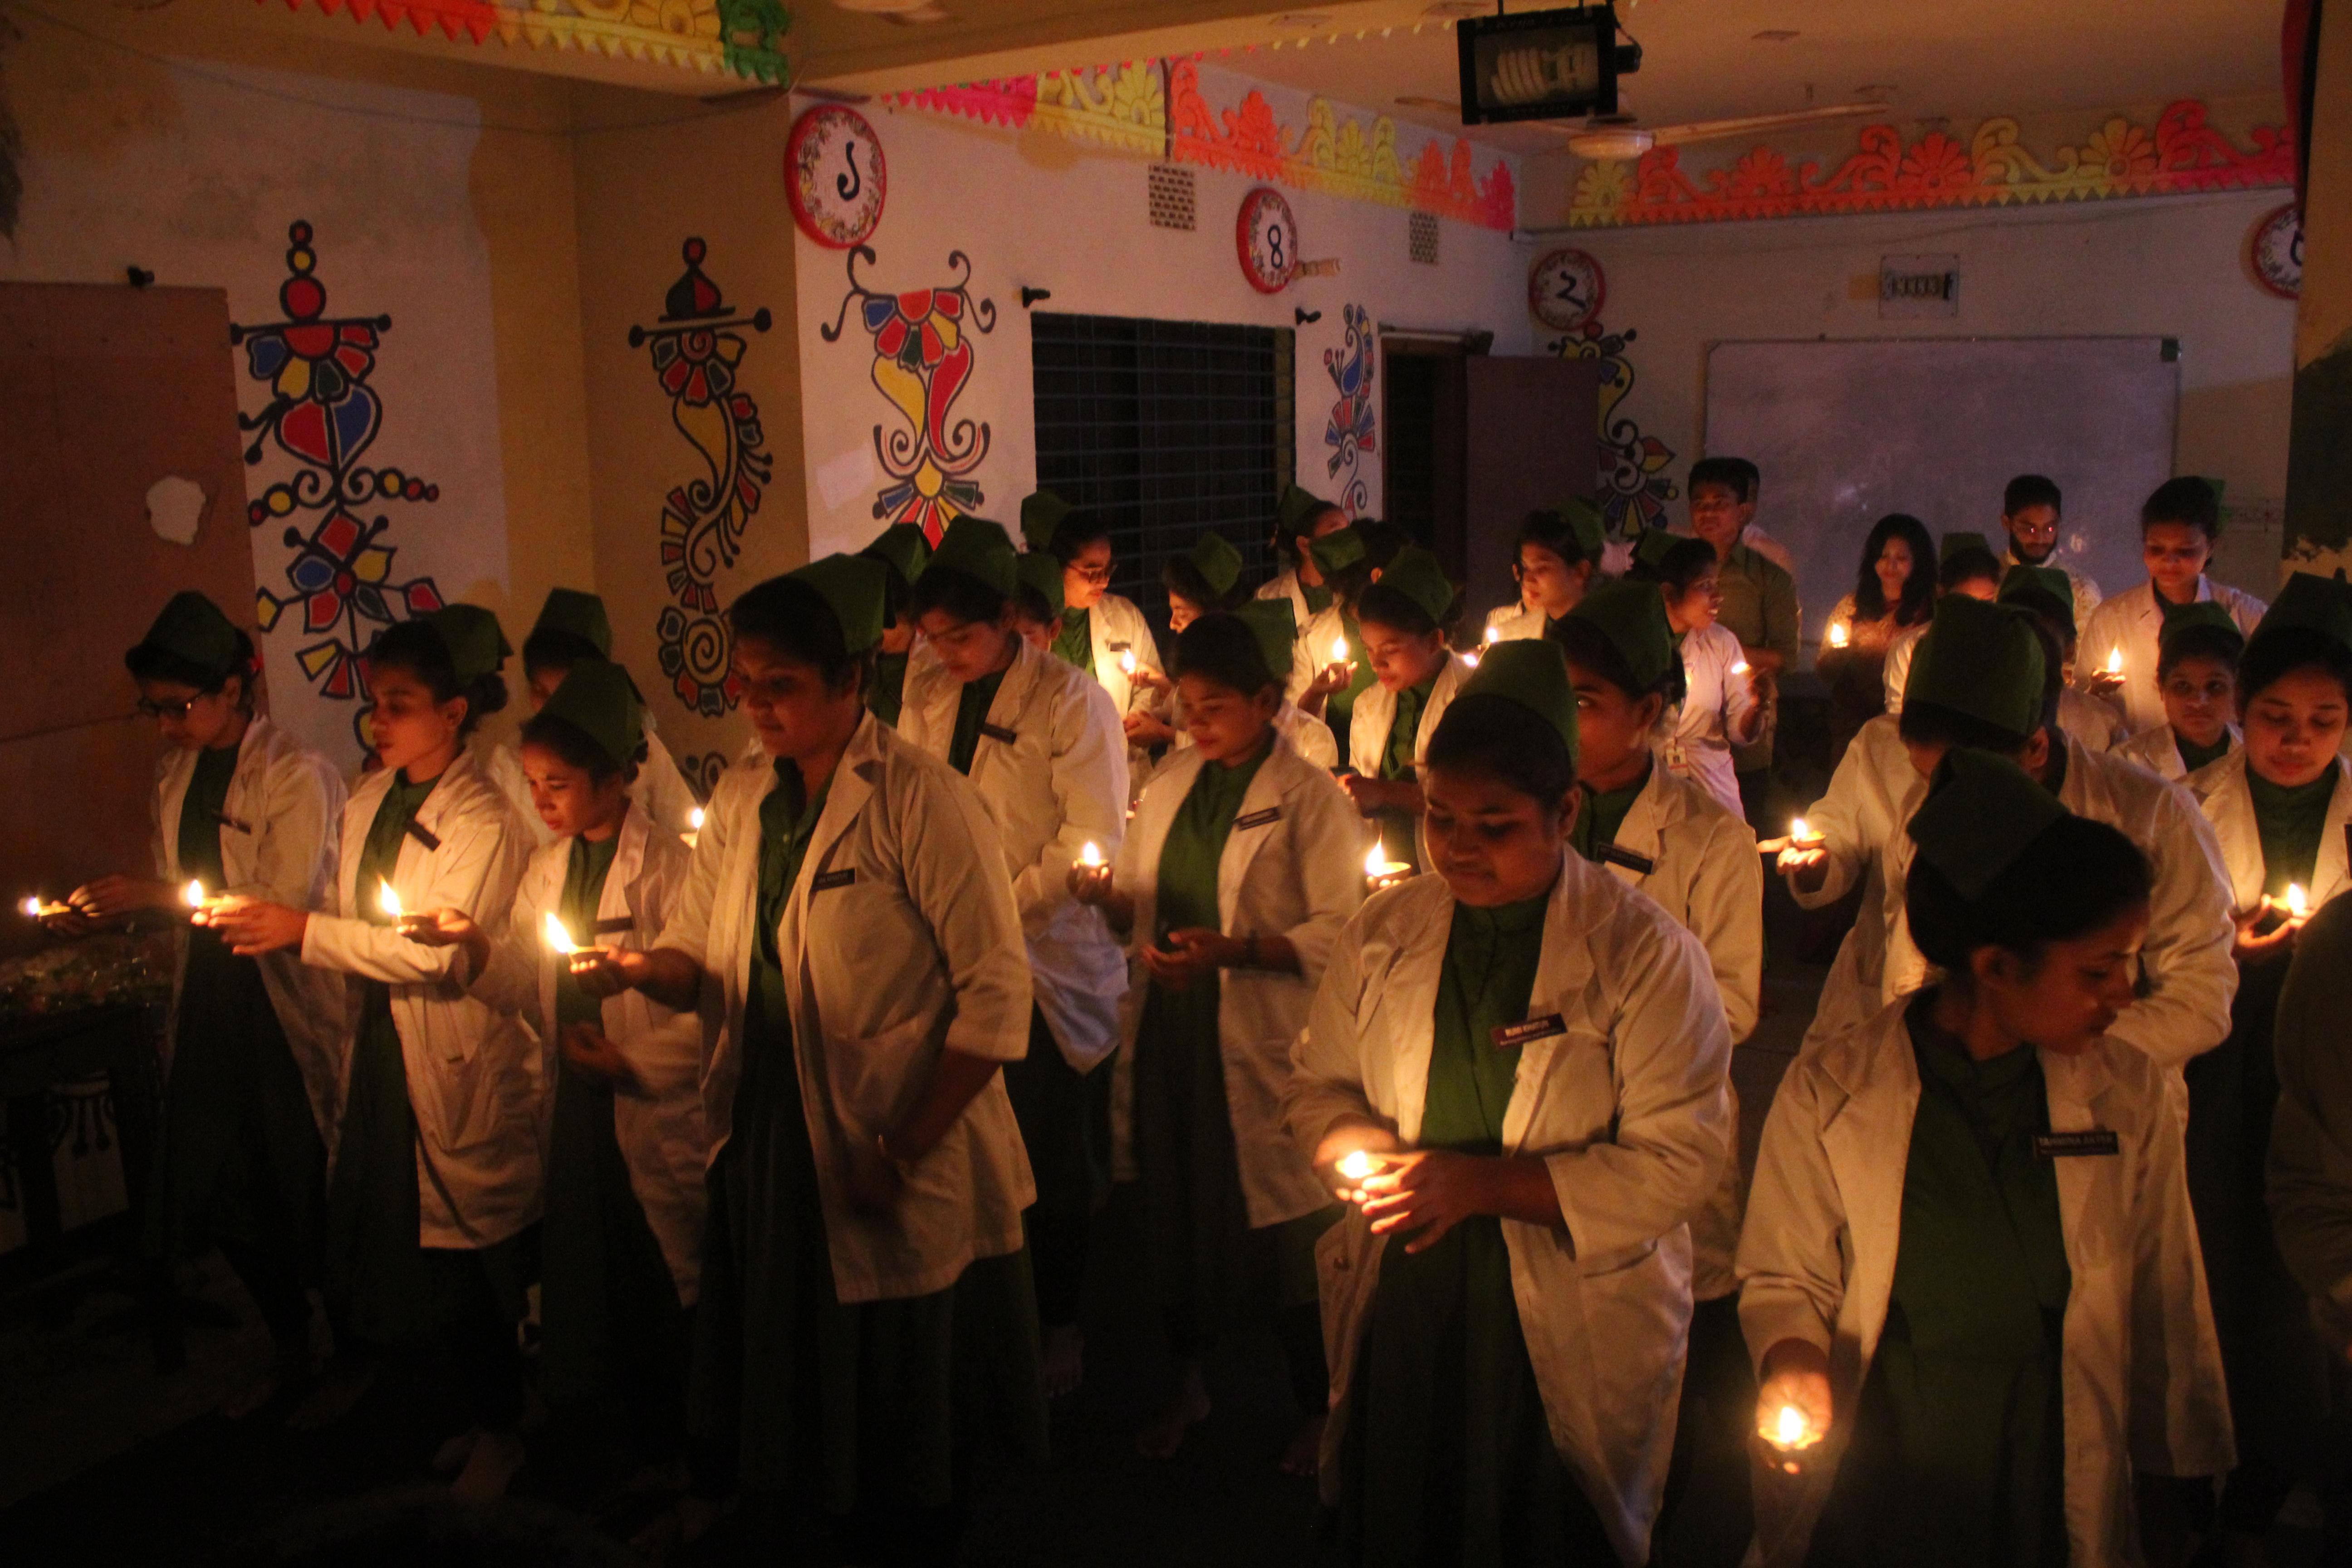 গুরুকুল নার্সিং এর শিক্ষার্থীদের শপথ গ্রহন অনুষ্ঠান-Oath taking ceremony of Gurukul Nursing students